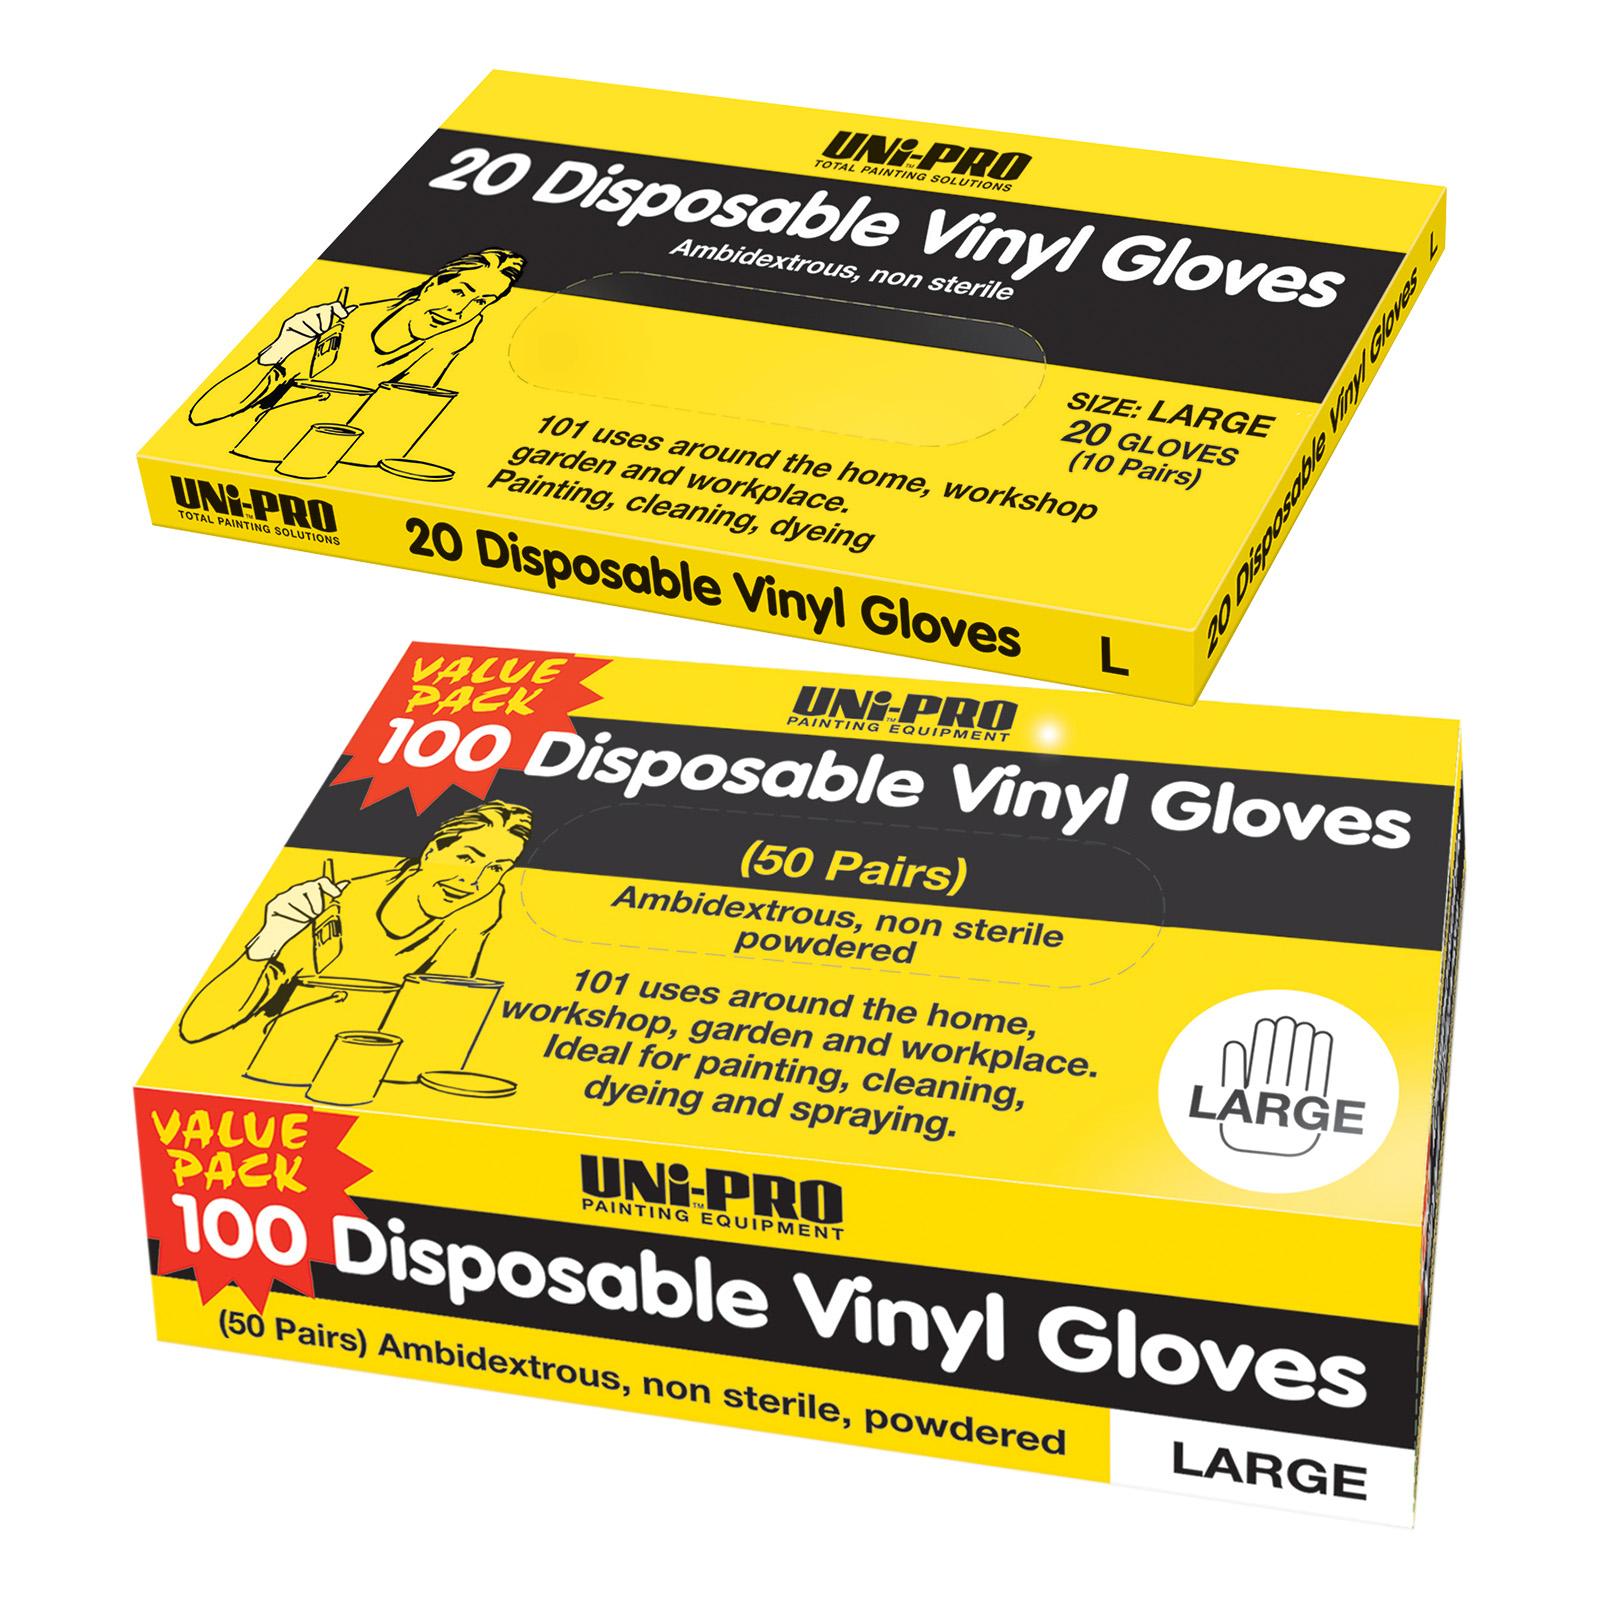 UNi-PRO Vinyl Gloves - Disposable